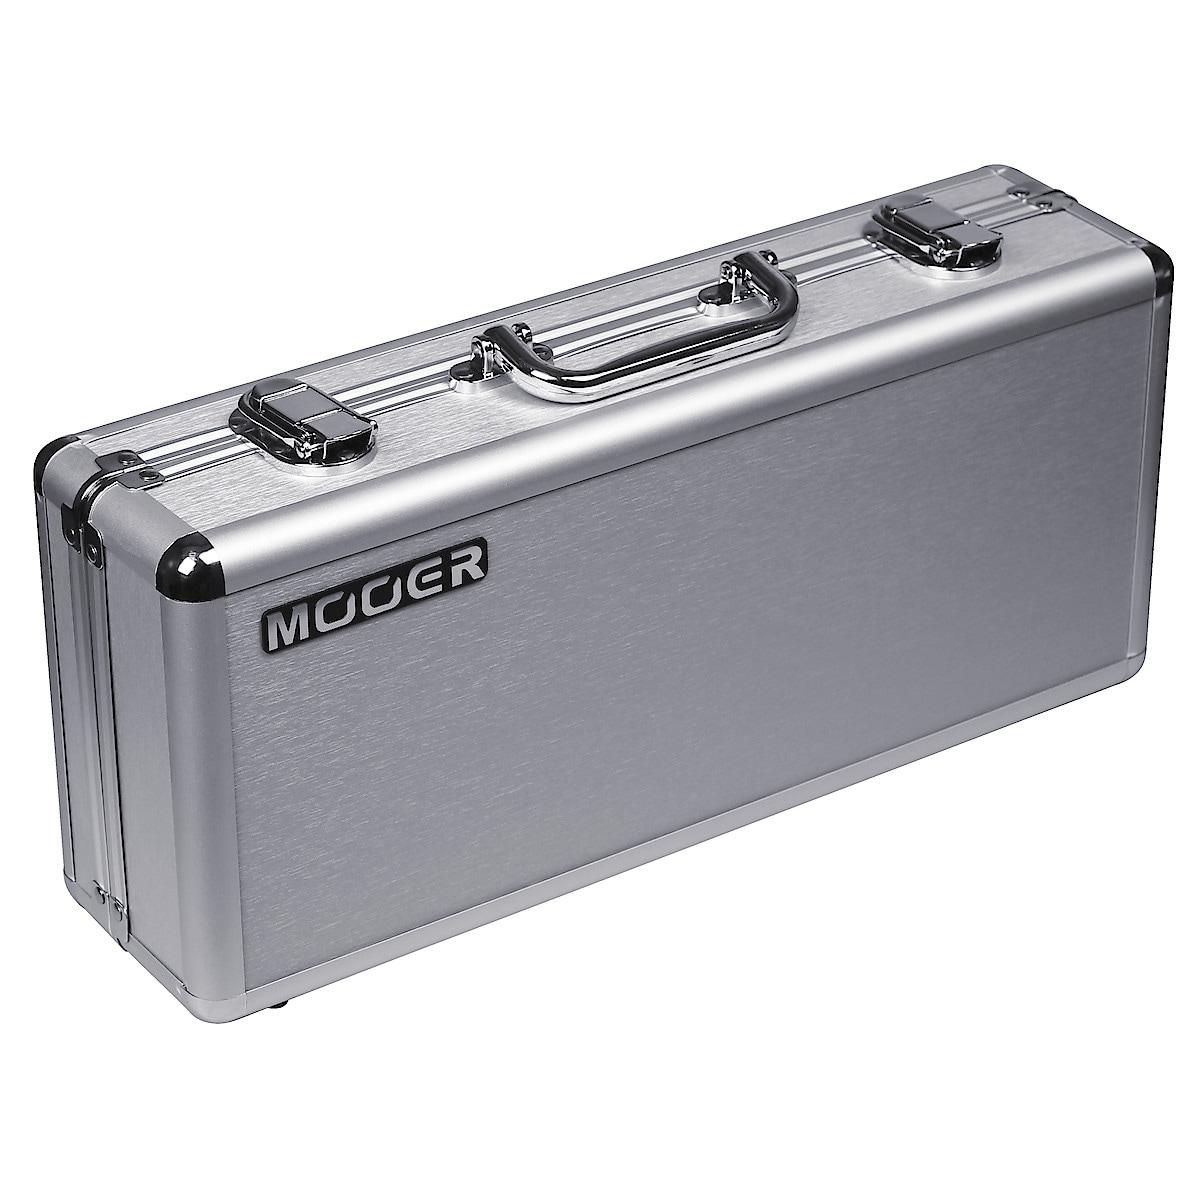 Mooer Firefly M6 pedalbord